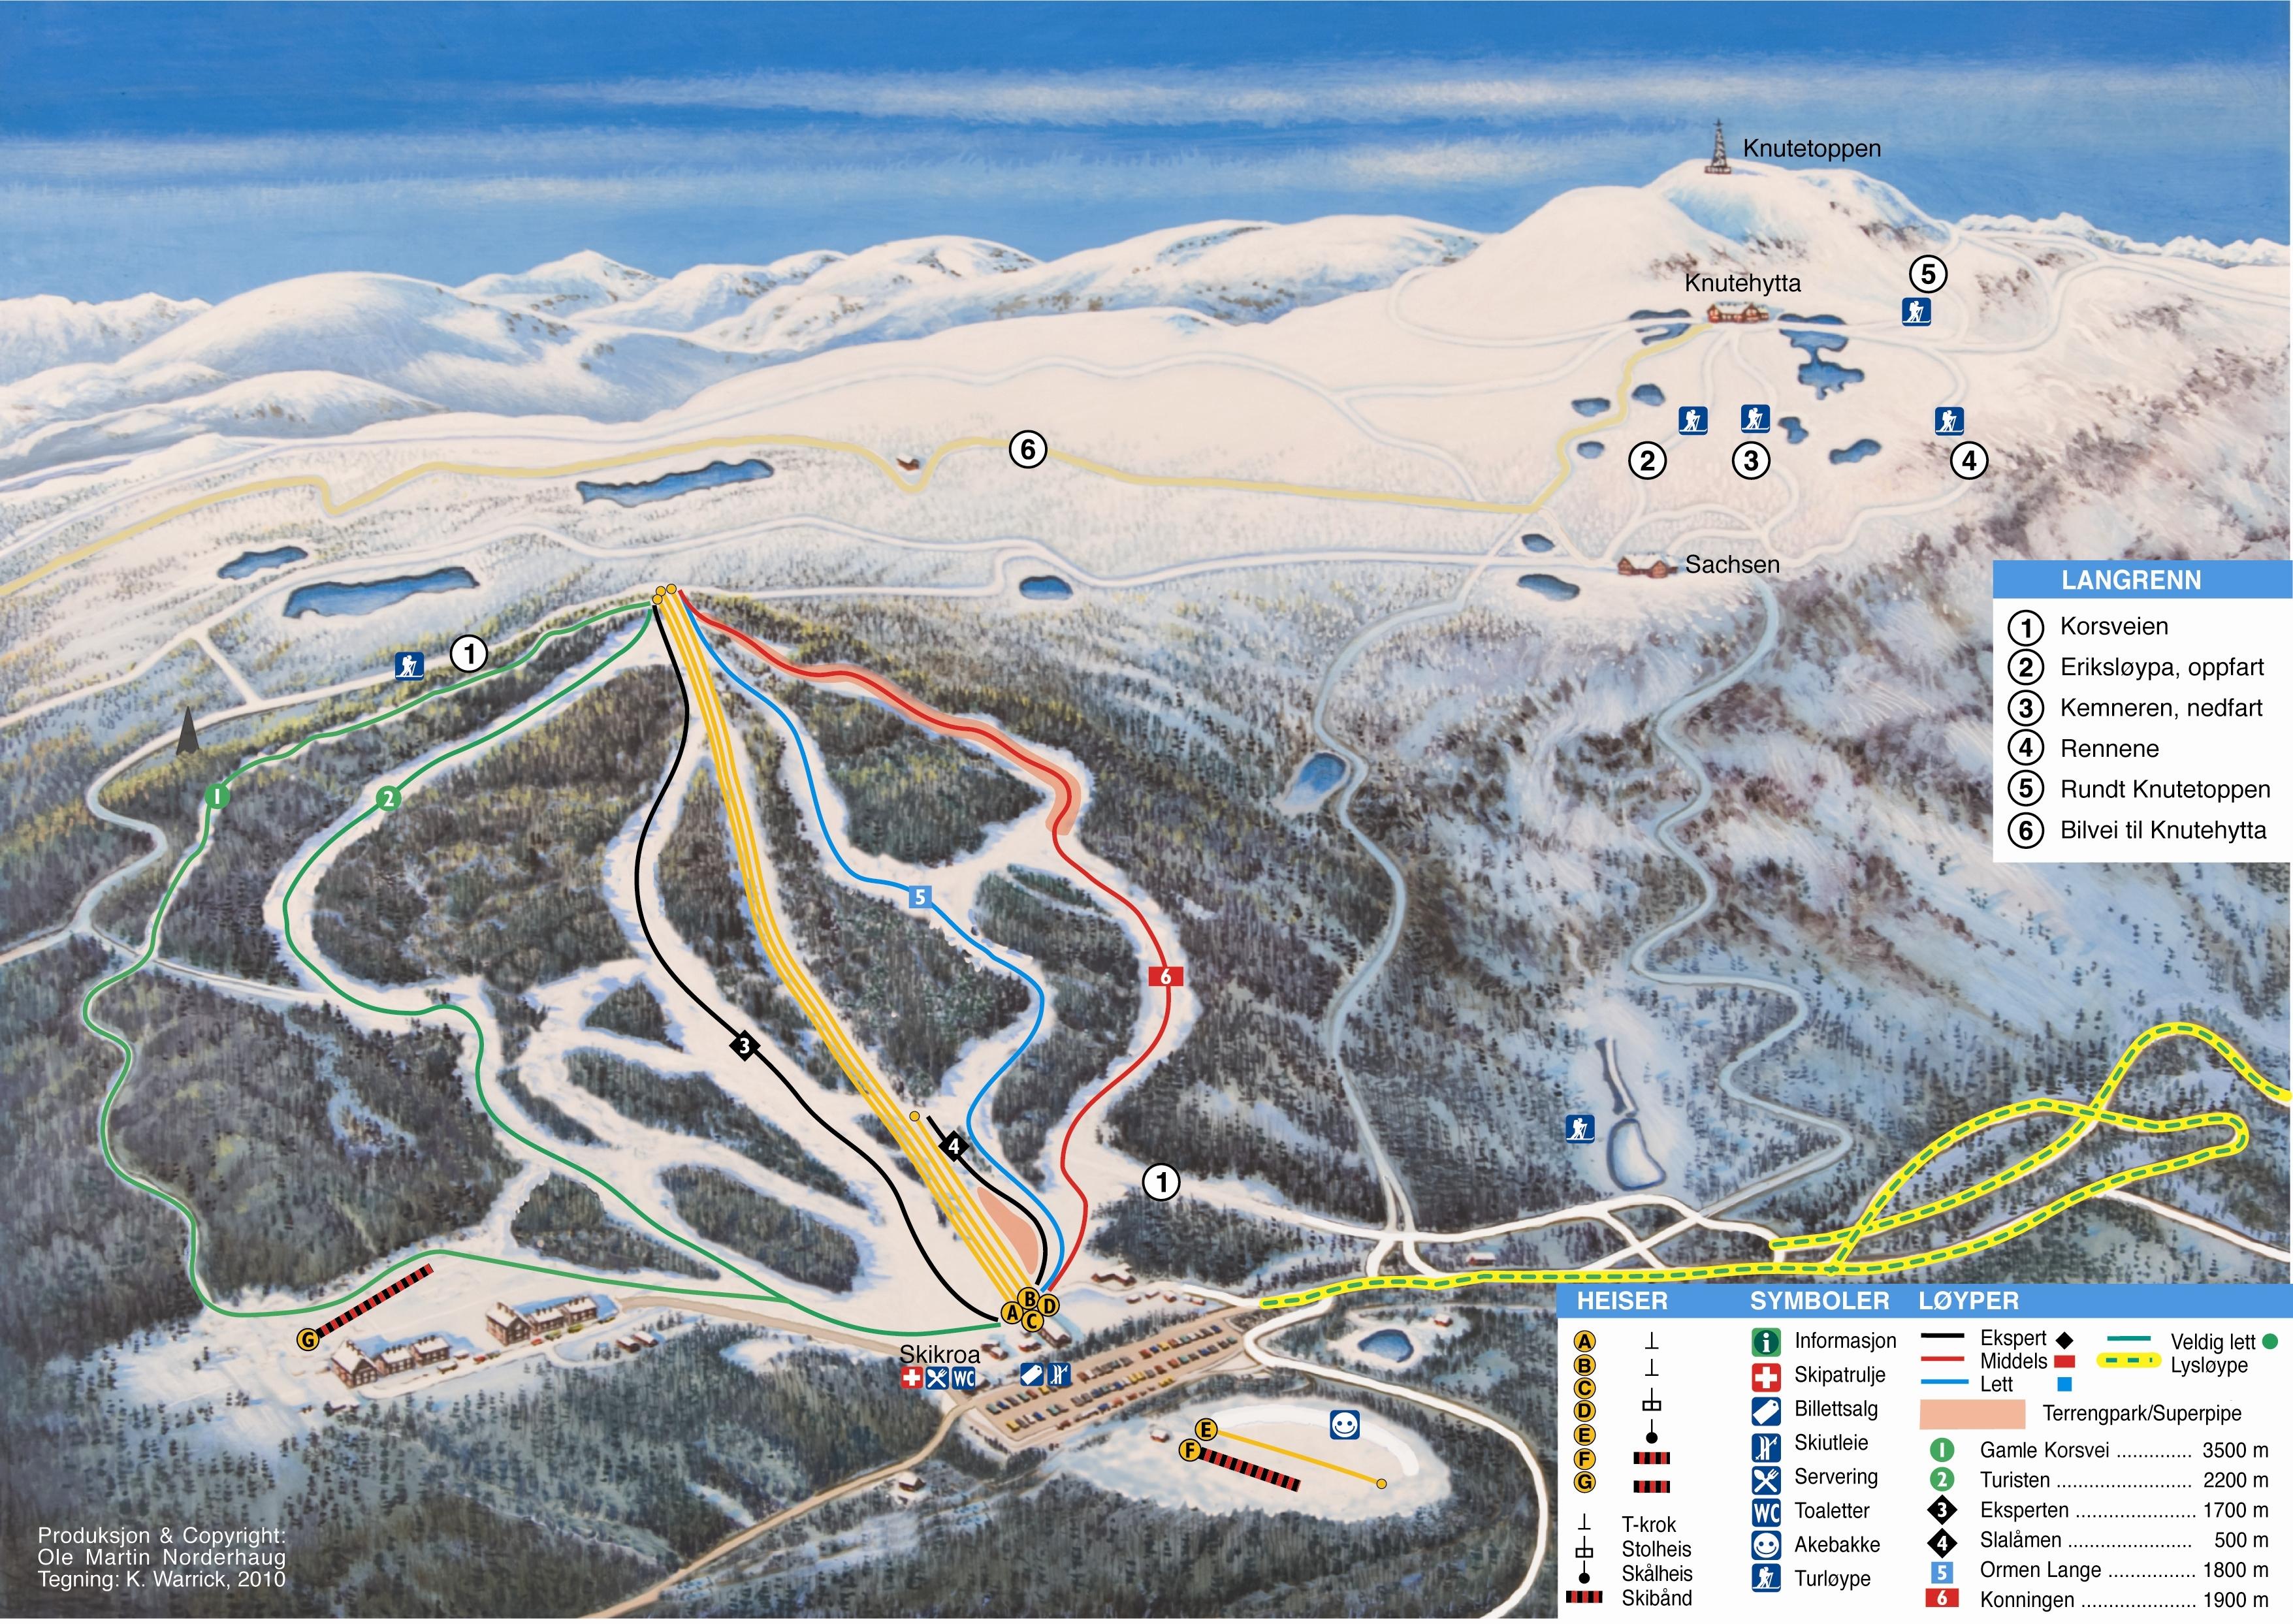 skisenter norge kart Skikart og løypekart for Kongsberg Skisenter   Skiinfo.no skisenter norge kart